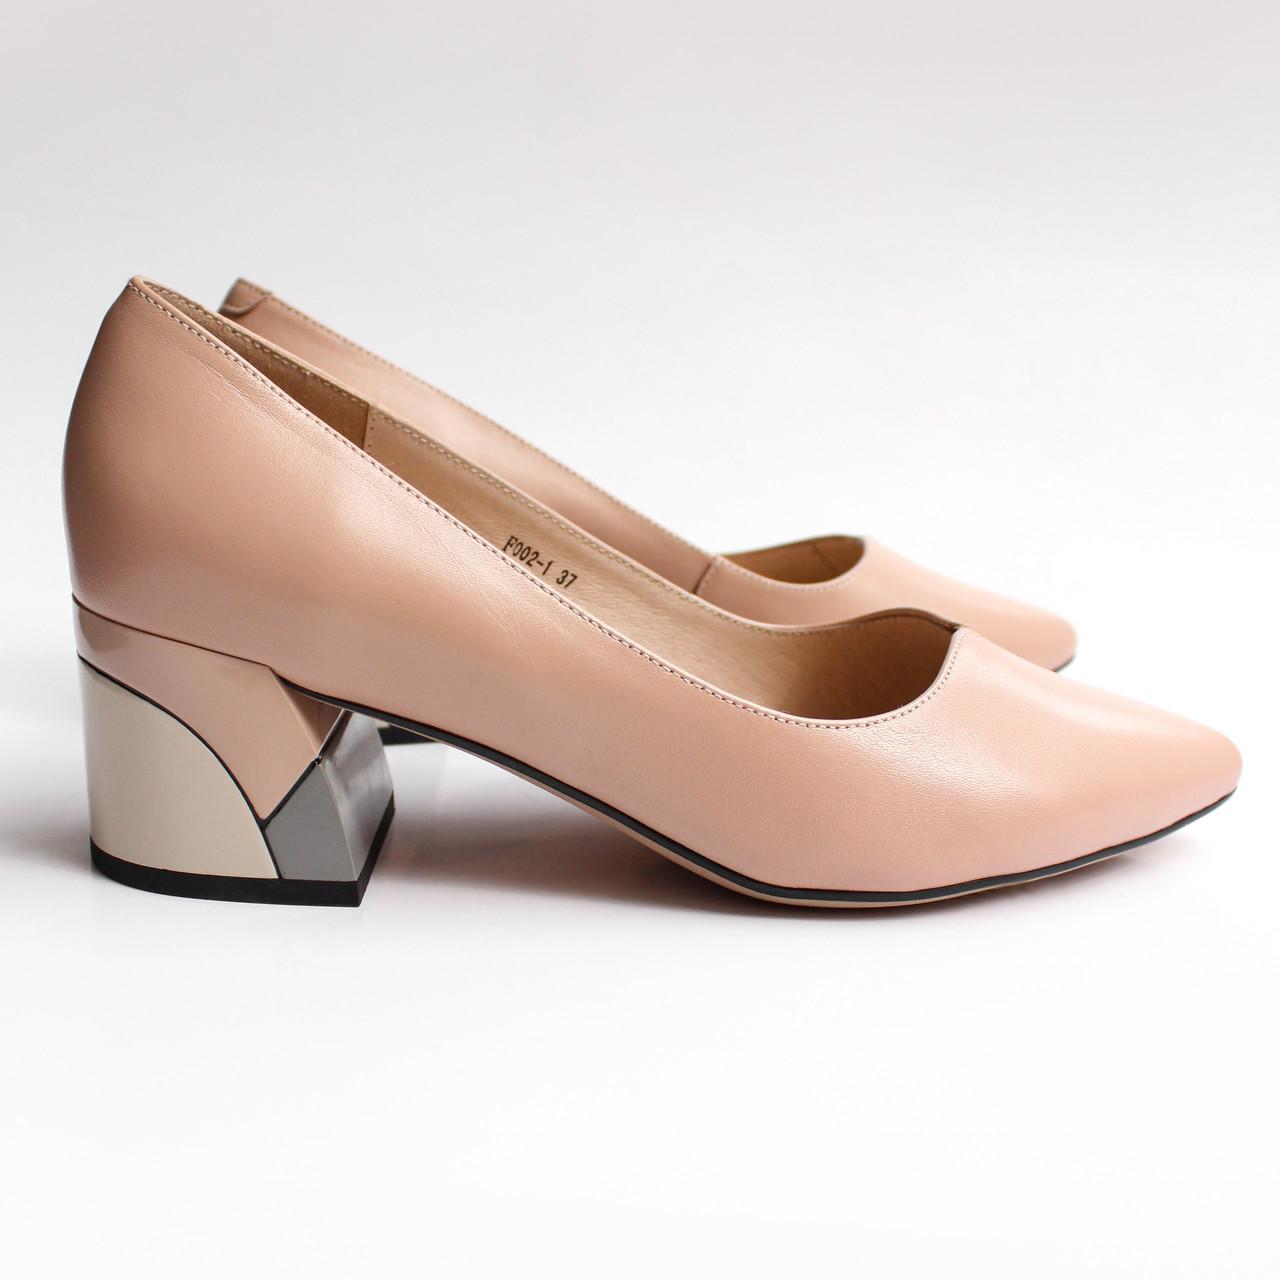 Жіночі бежеві шкіряні туфлі